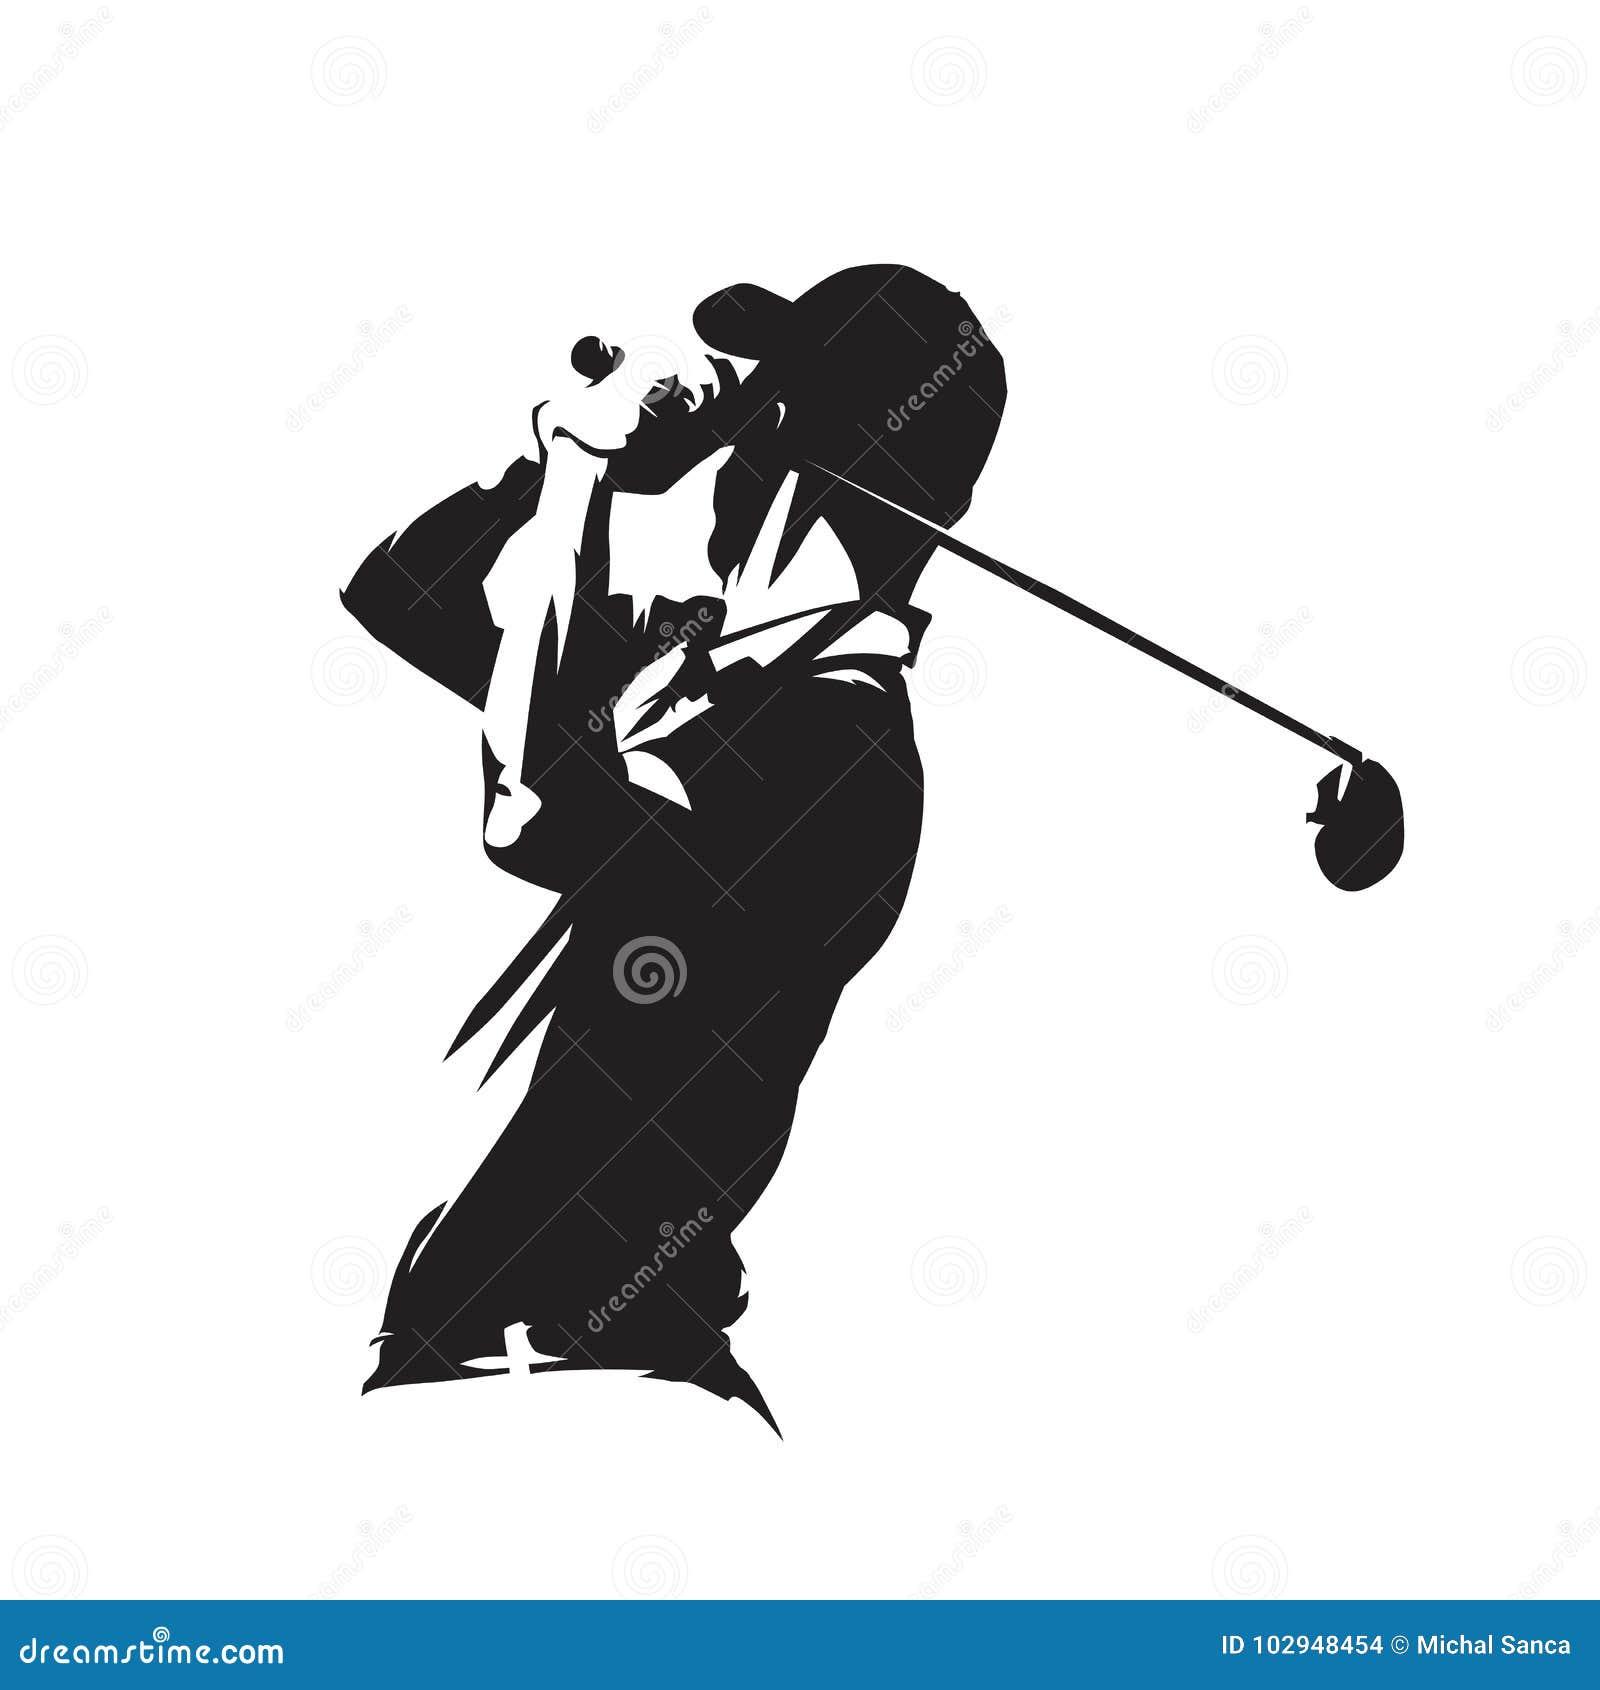 Icona del giocatore di golf, siluetta di vettore del giocatore di golf